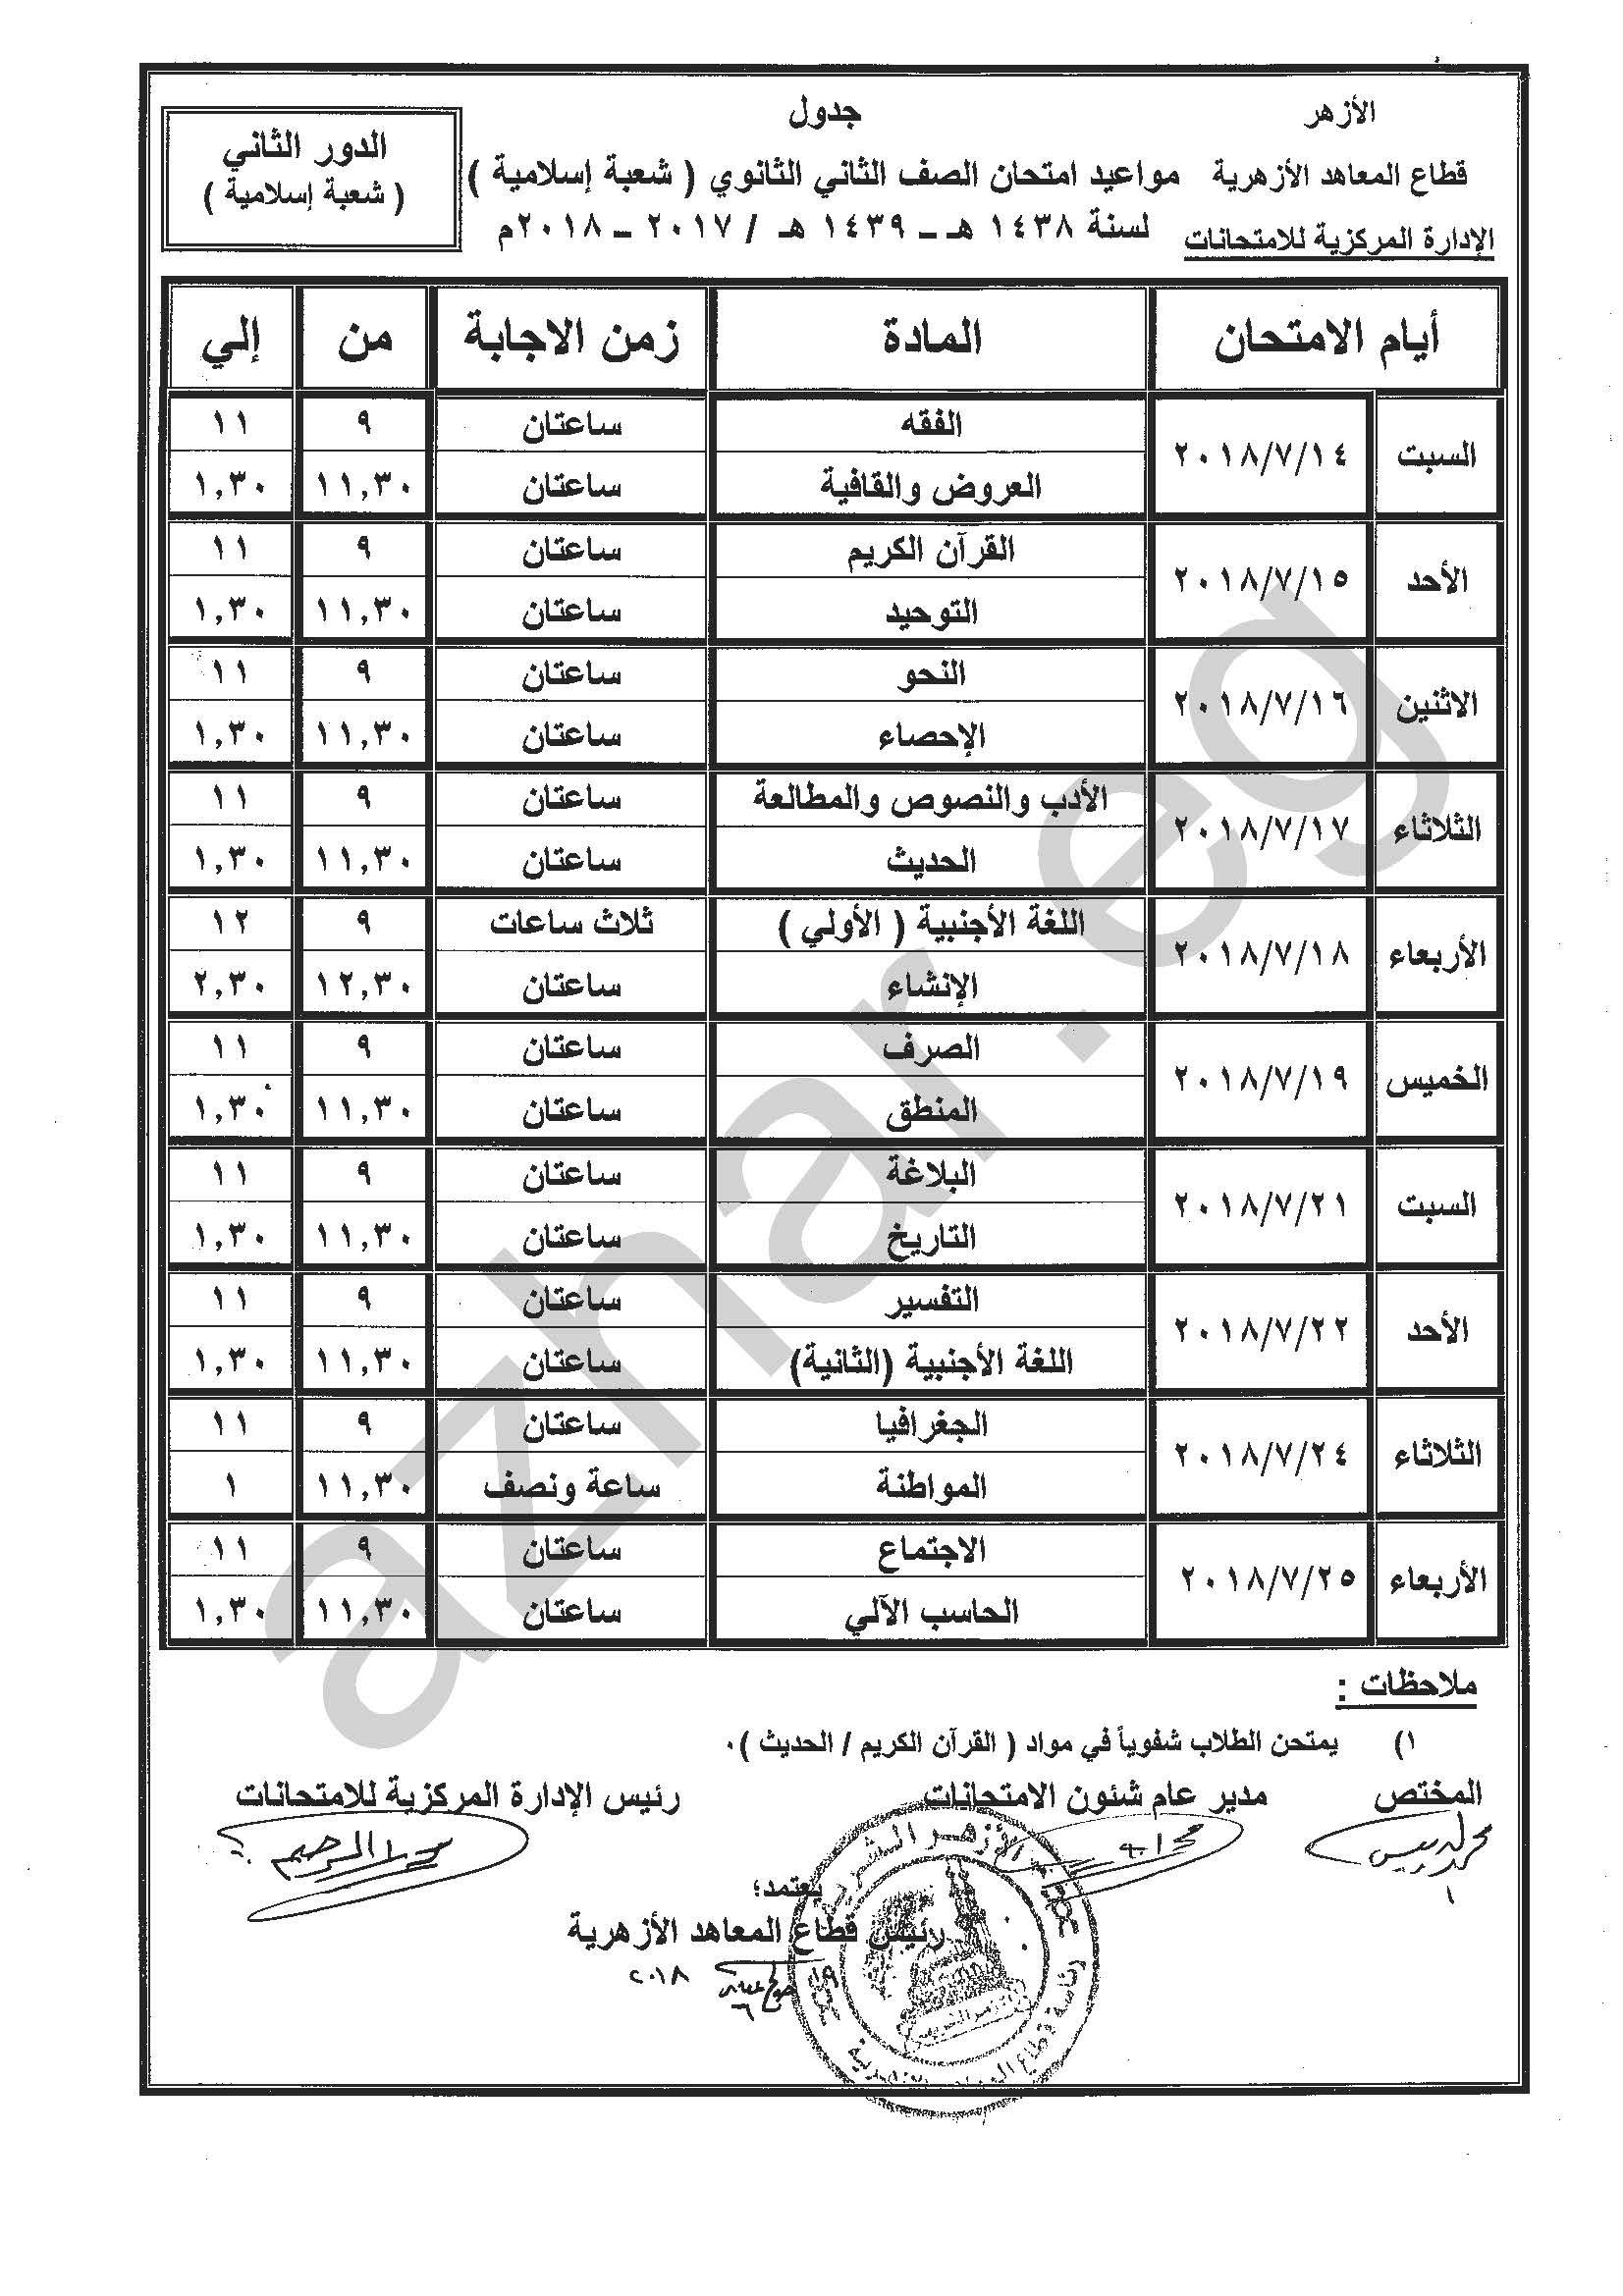 الصف الثاني الثانوي -شعبة إسلامية